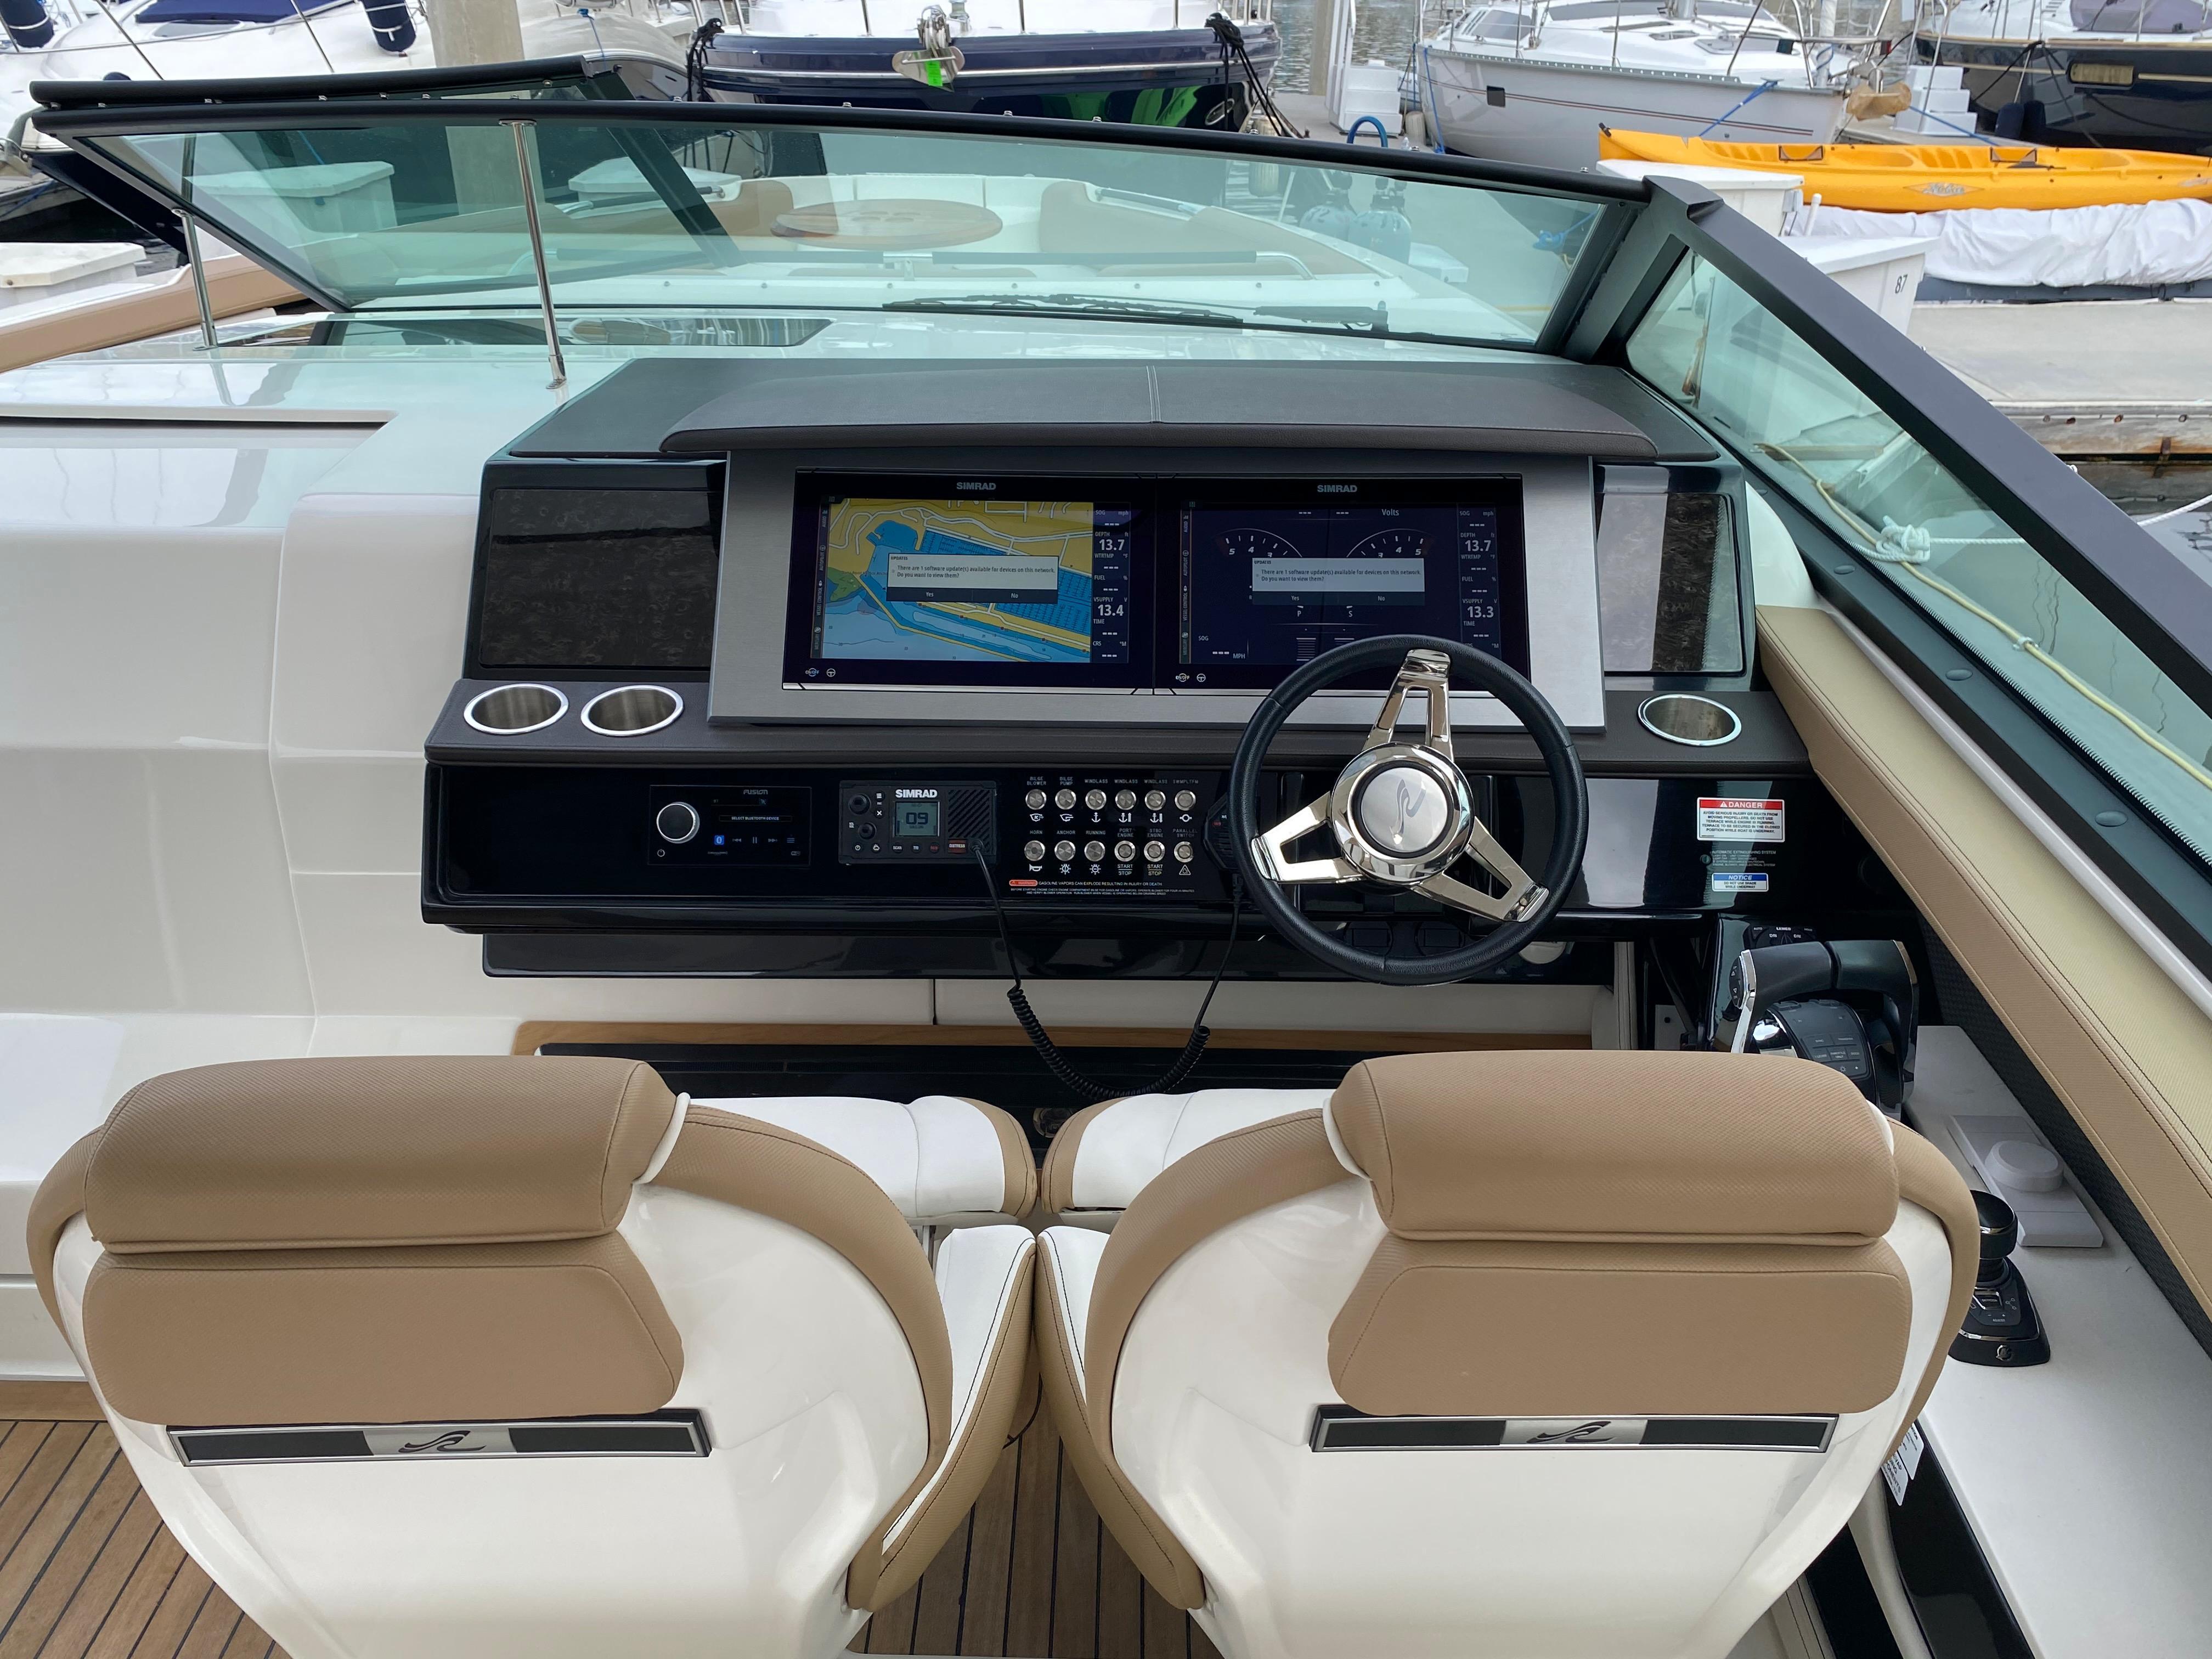 2019 Sea Ray SLX 400 #TB1347MC inventory image at Sun Country Coastal in Dana Point